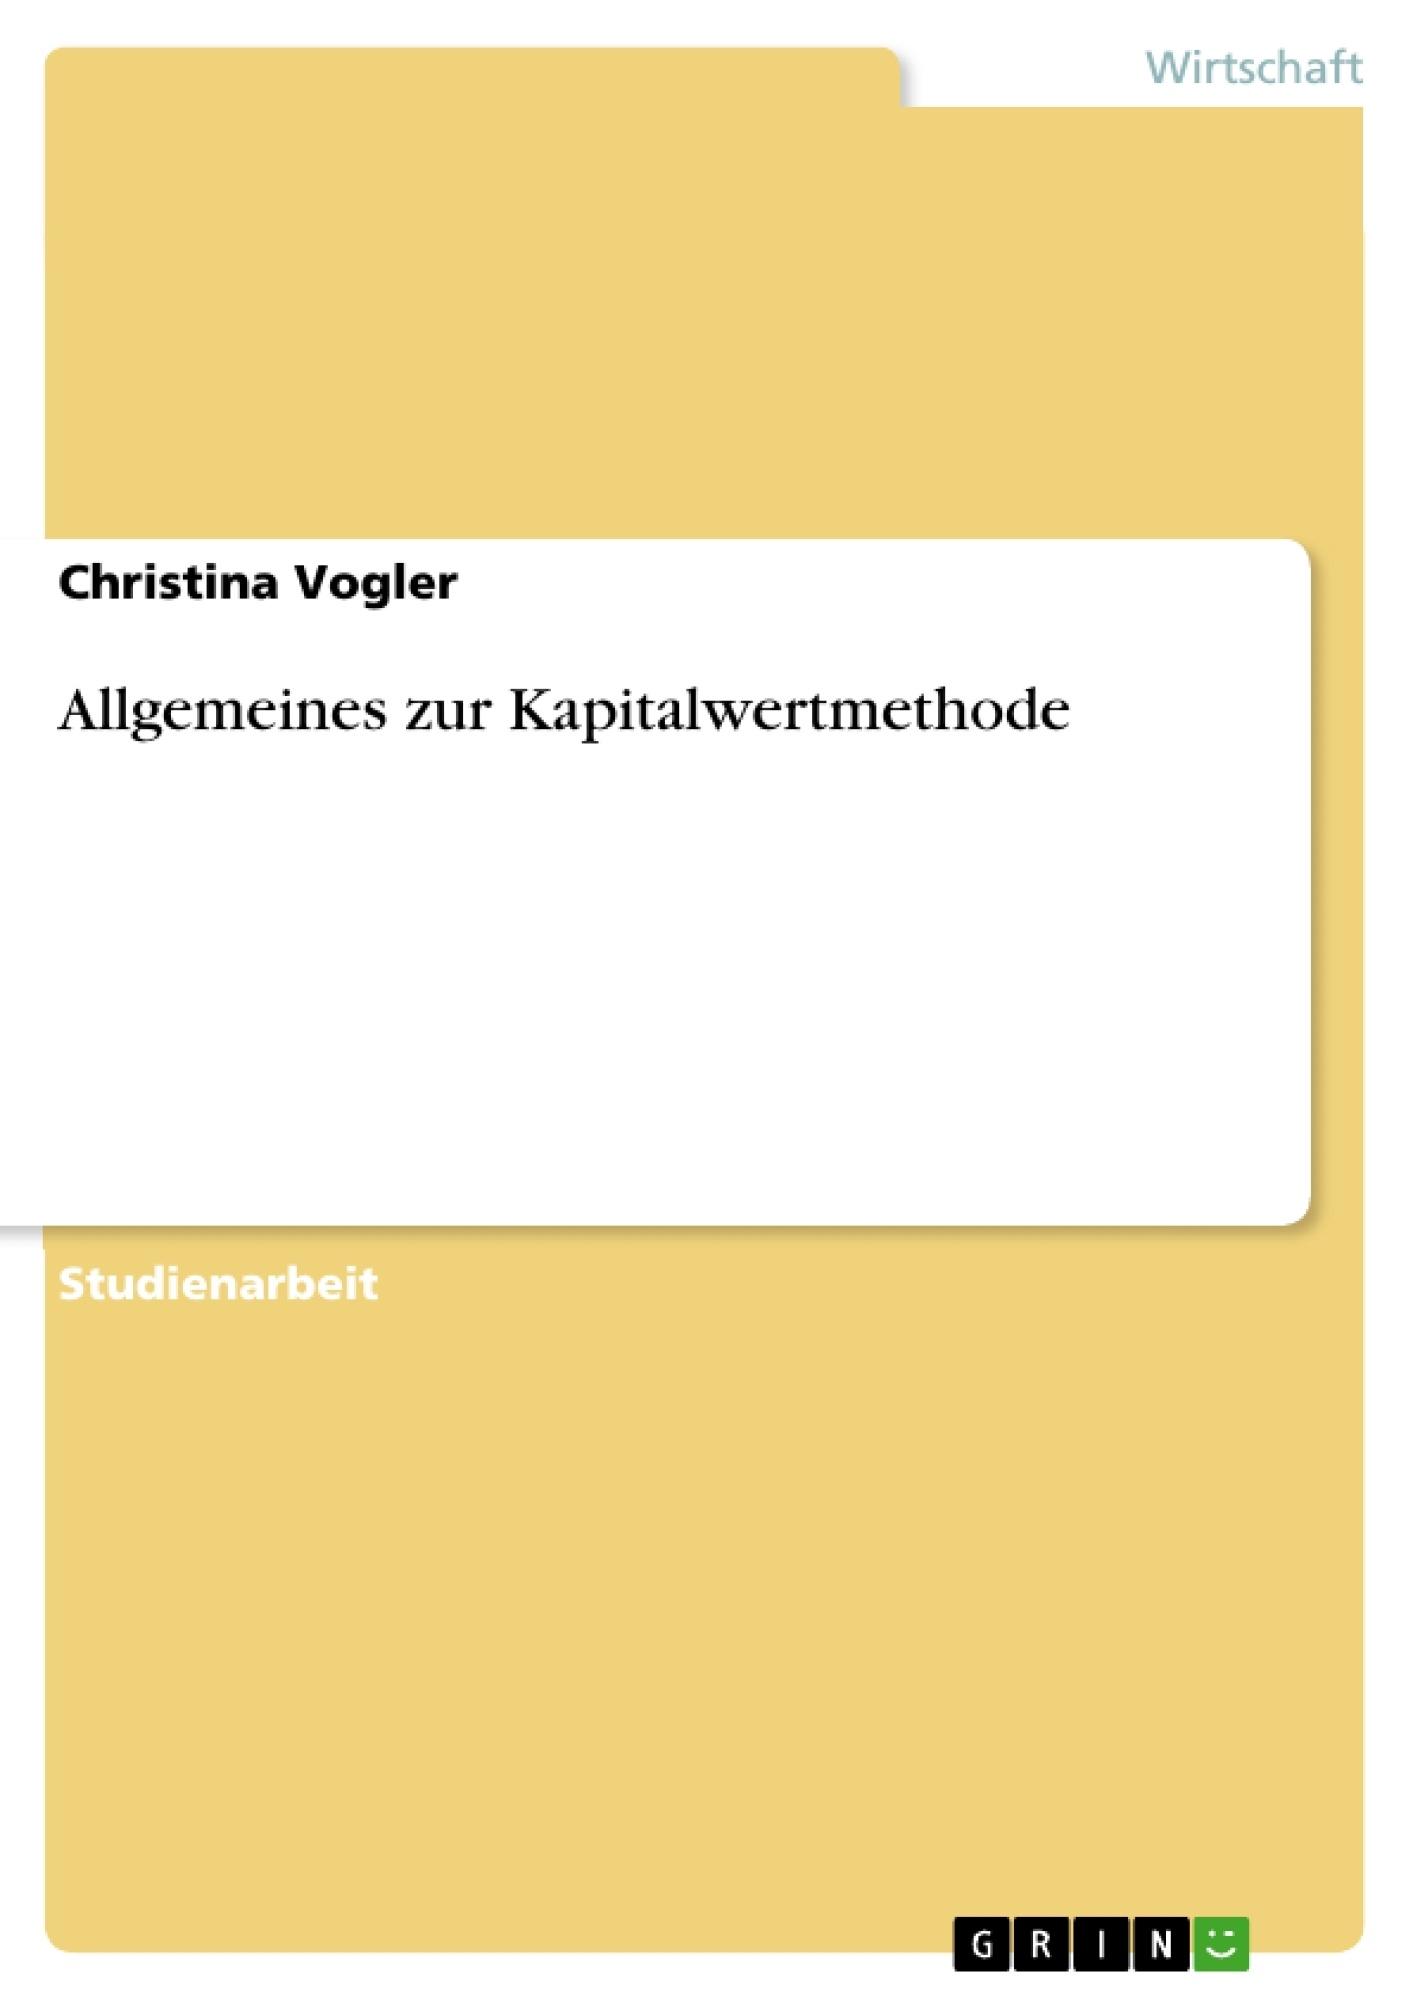 Titel: Allgemeines zur Kapitalwertmethode